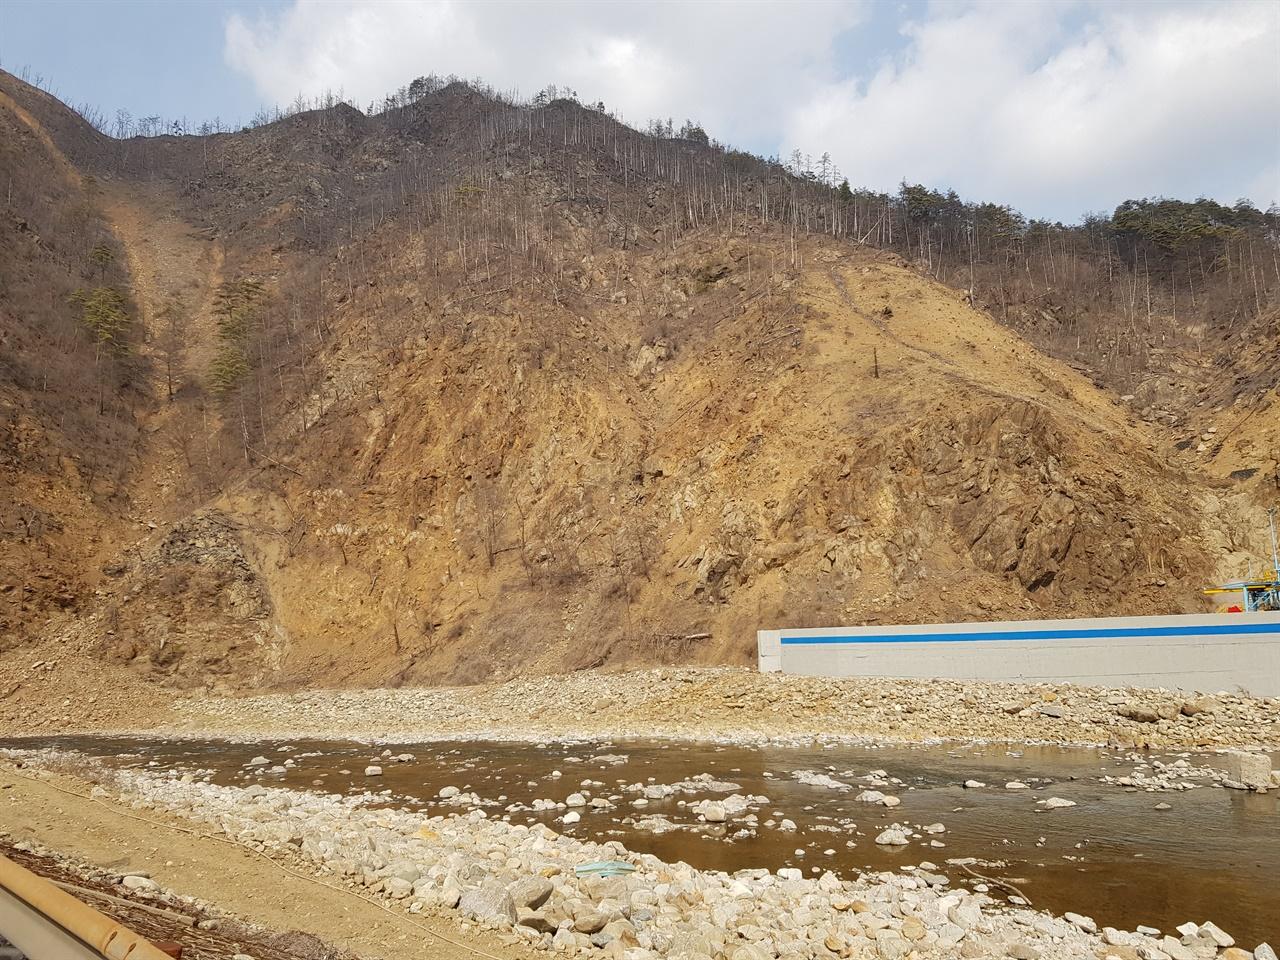 석포제련소 1공장 부근 산.(2019.2) 산림이 훼손되면서 토양과 암석이 노출되어 유실되고 있다.